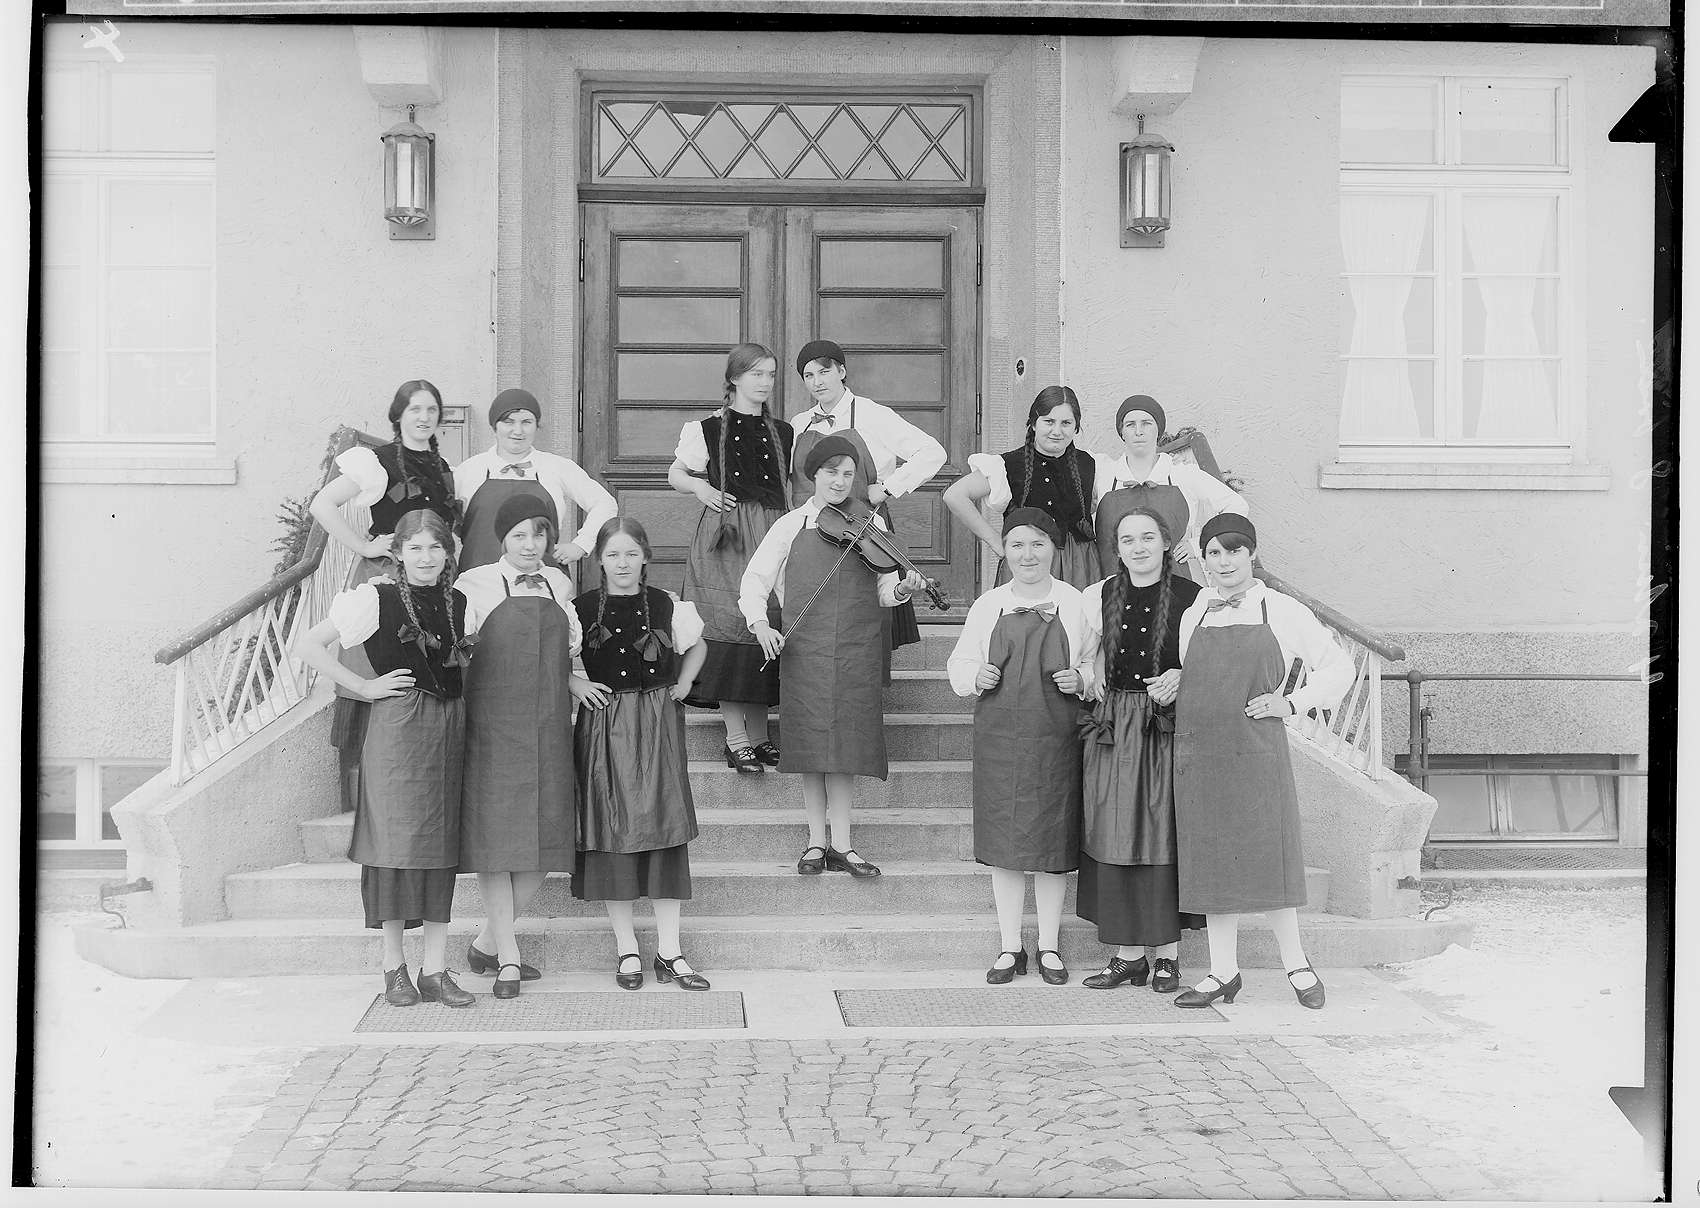 Haushaltungsschule in Gammertingen 1931; Junge Frauen mit Schürzen bei einer Aufführung mit Geigenspielerin auf einer Treppe vor dem Hauseingang, Bild 1